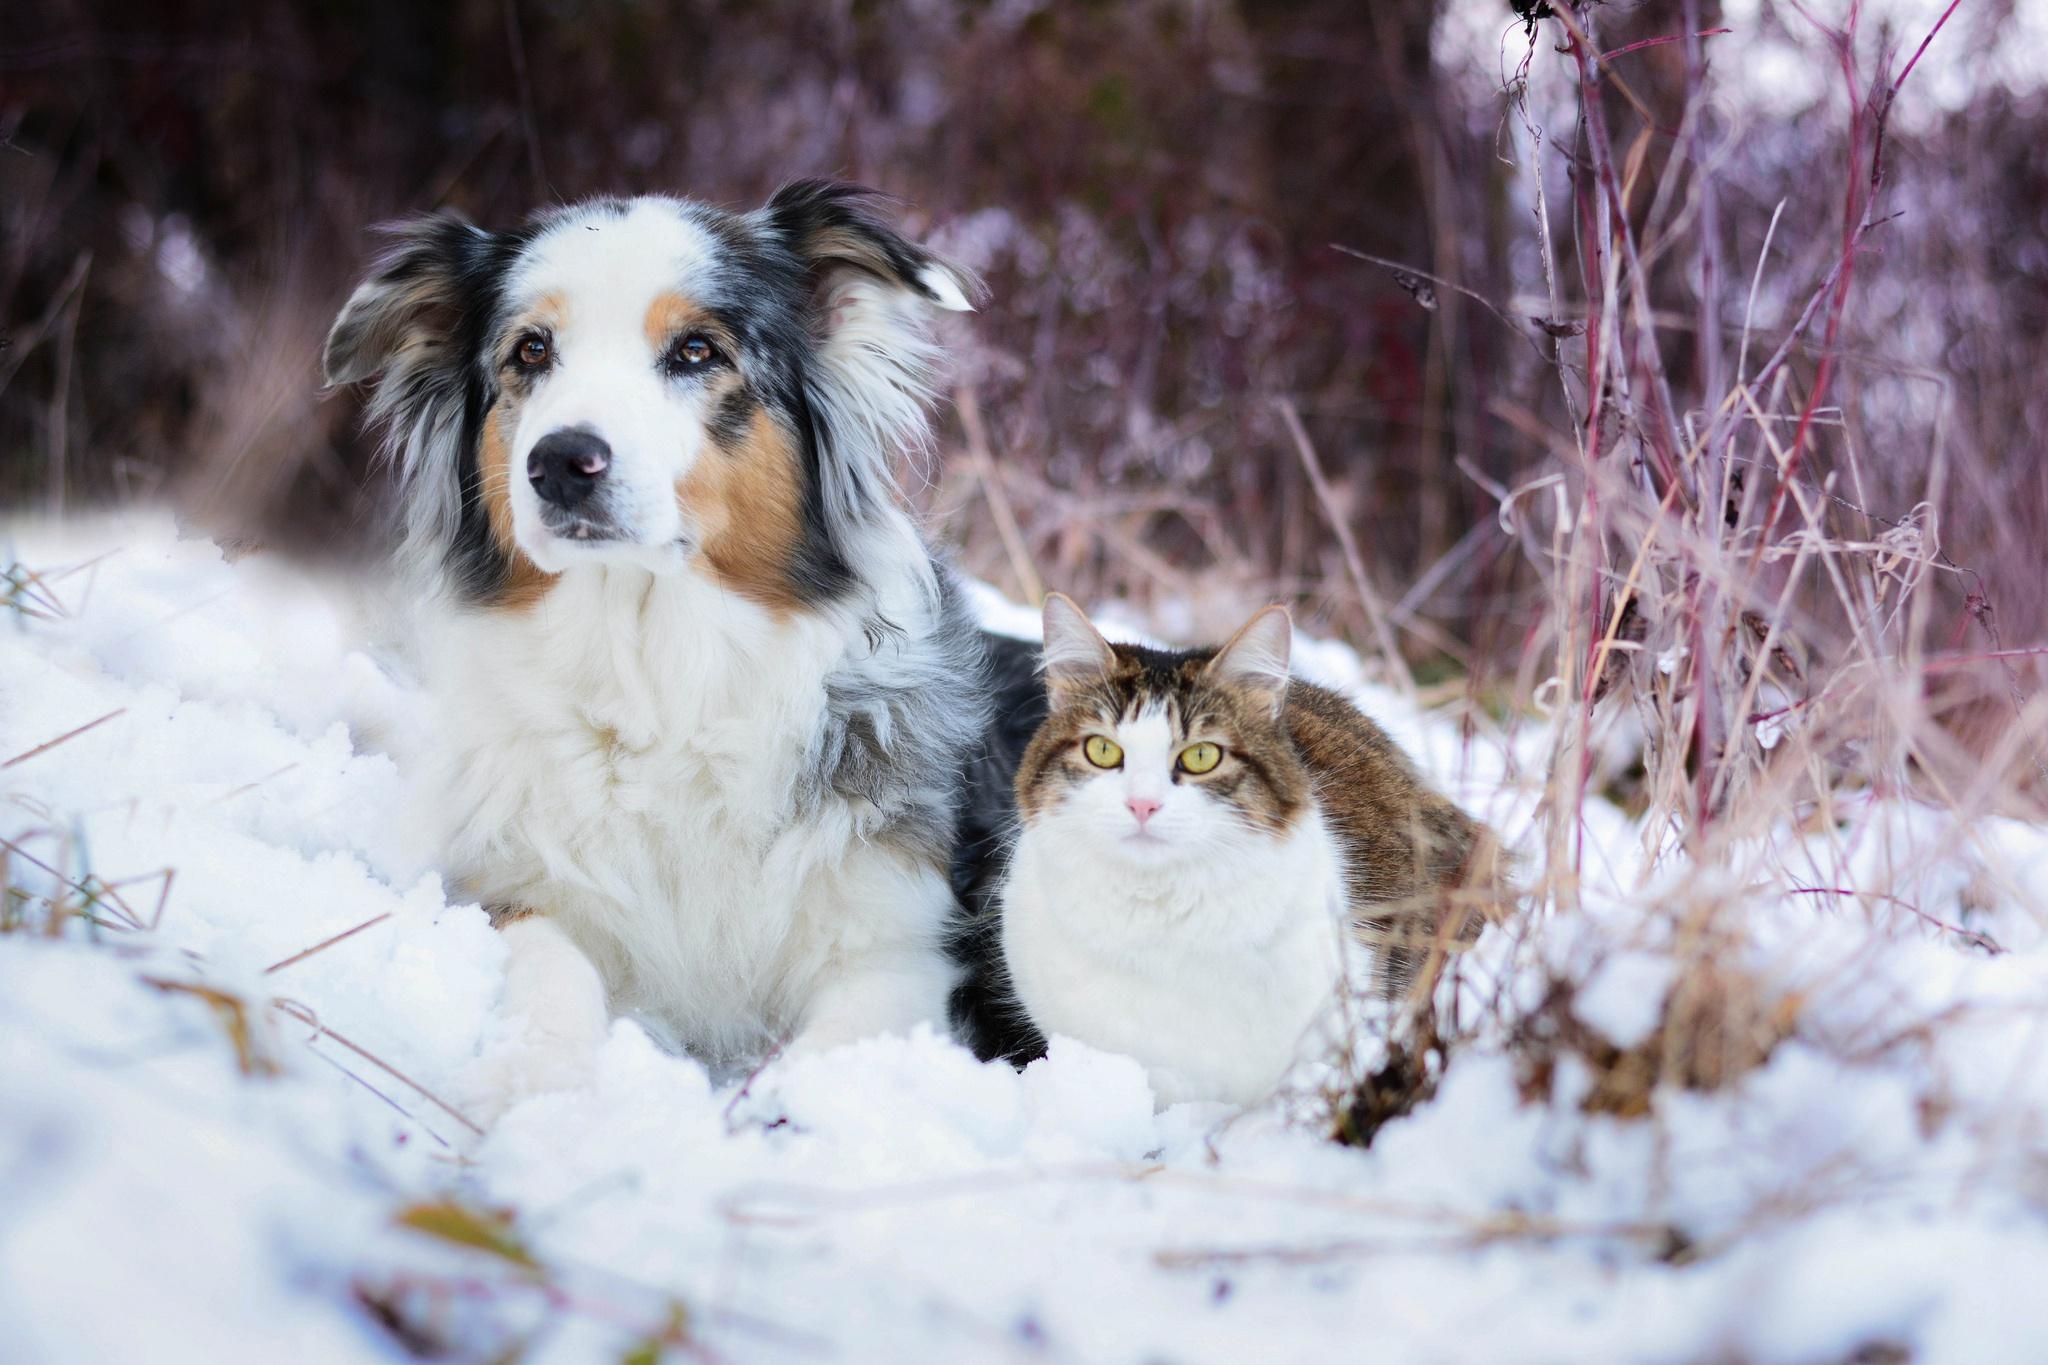 дорогие красивые картинки животных в снегу кто-то